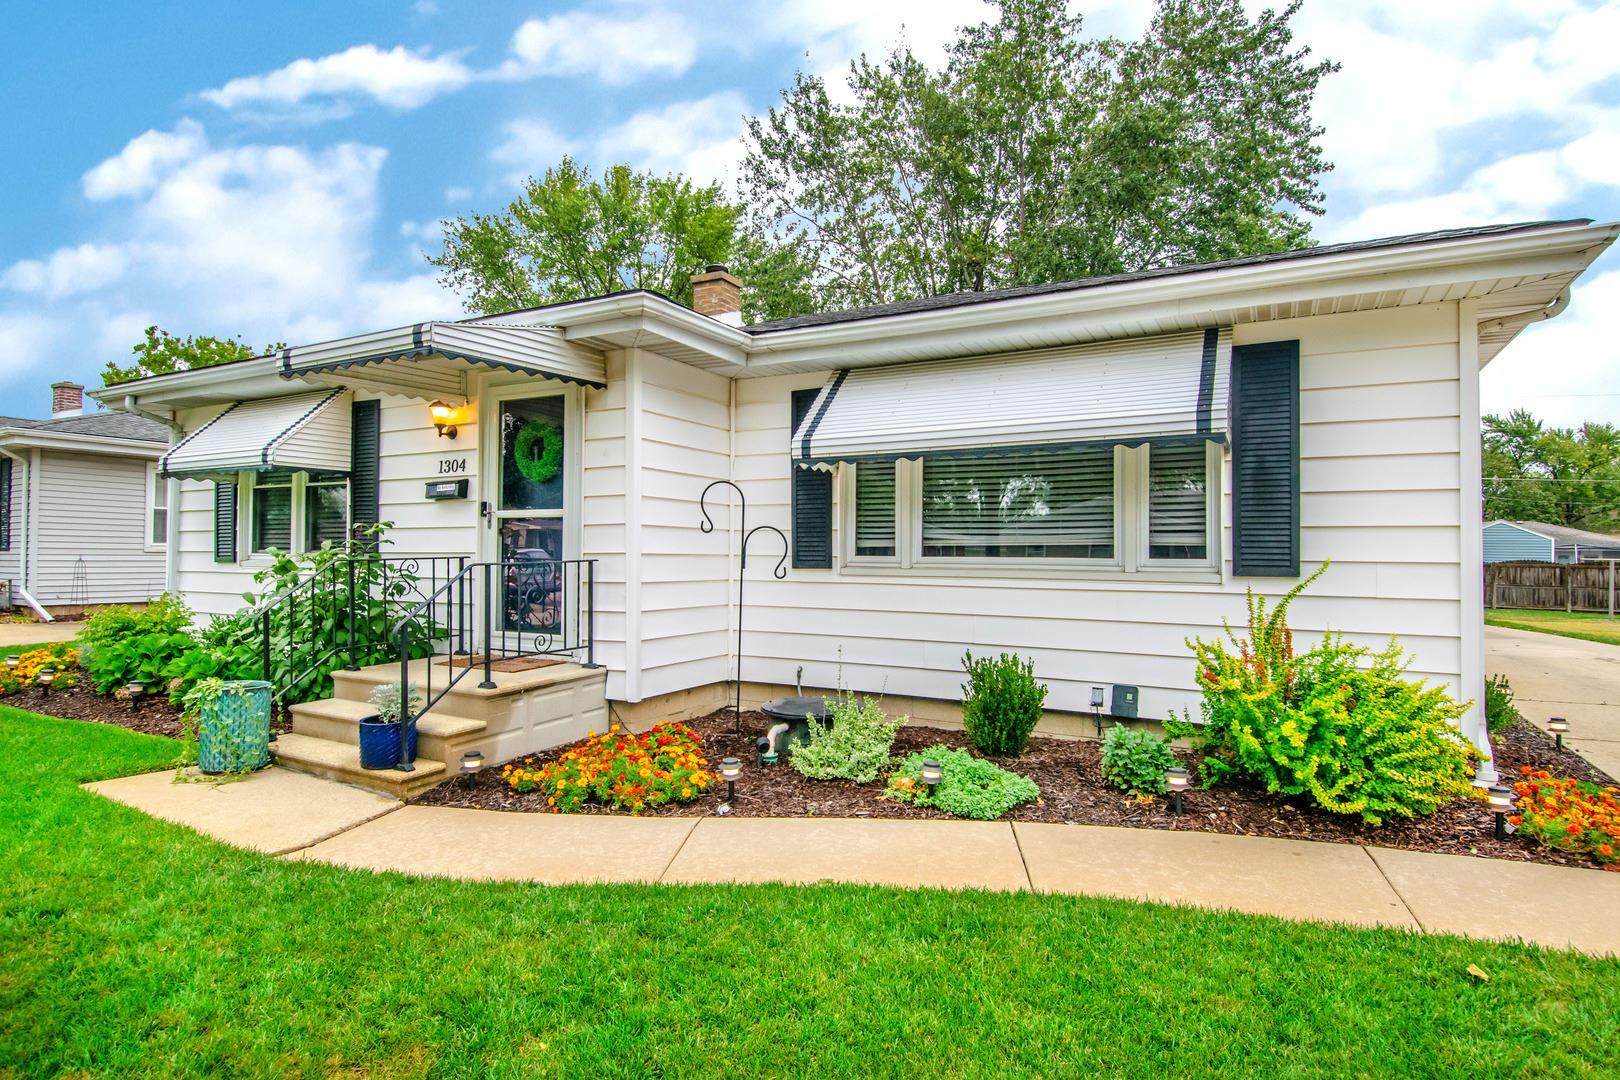 Photo of 1304 N MAY Street, Joliet, IL 60435 (MLS # 10861549)